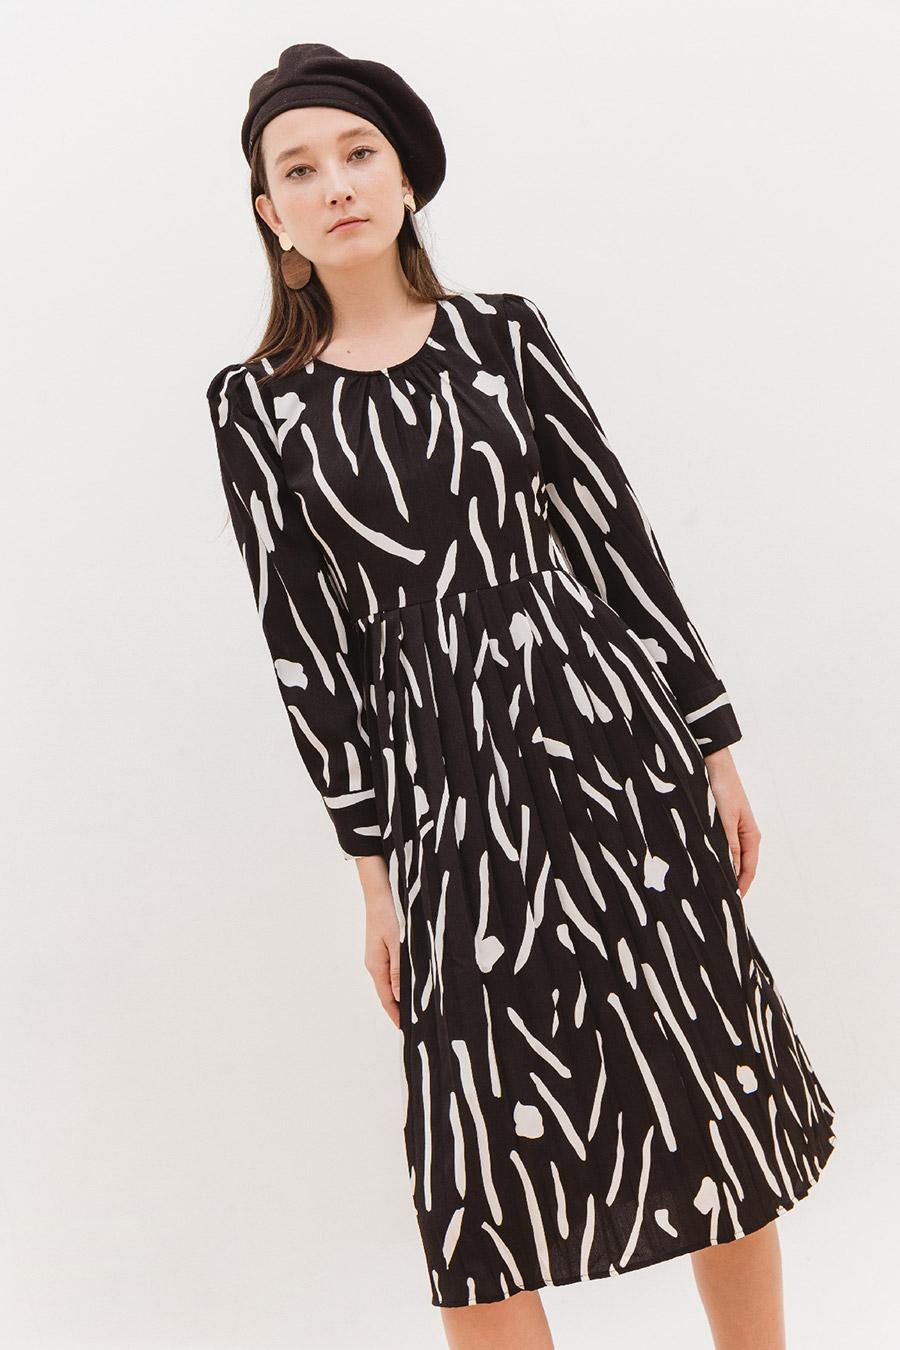 DELANO DRESS - NOIR BROSSE